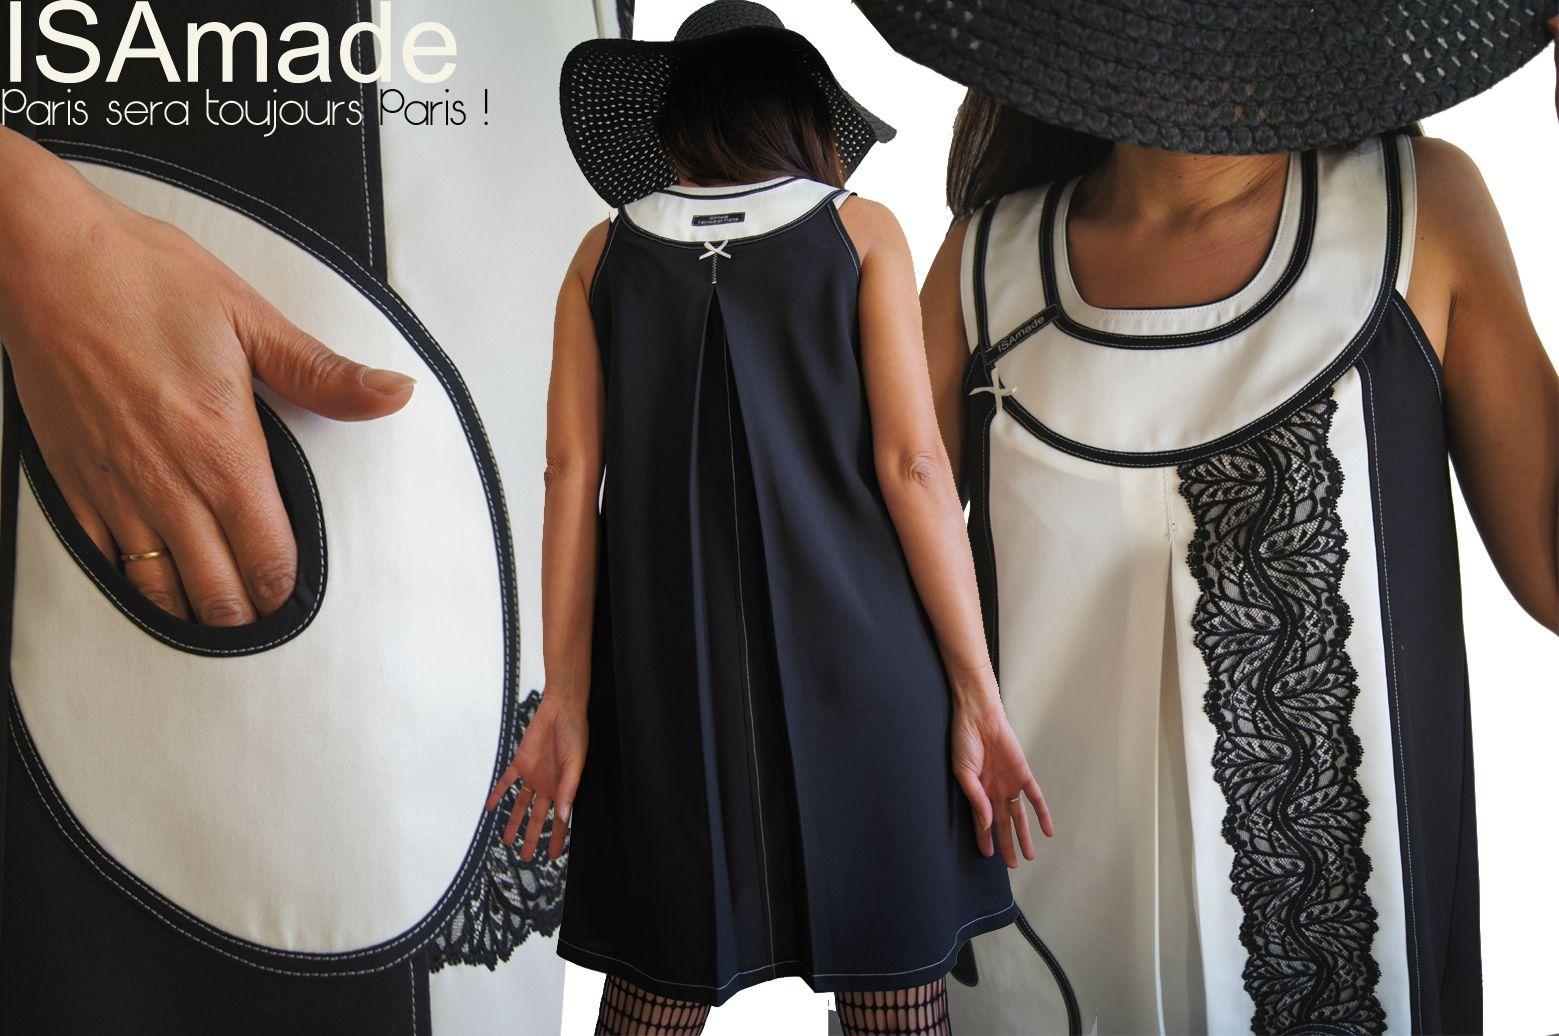 946fcf02d4a Robe trapèze Chasuble Noire   Blanche Graphique Couture Tour Eiffel  (tendance Mode Printemps 2014) dentelle noire... Hommage à Paris capitale  de la Mode